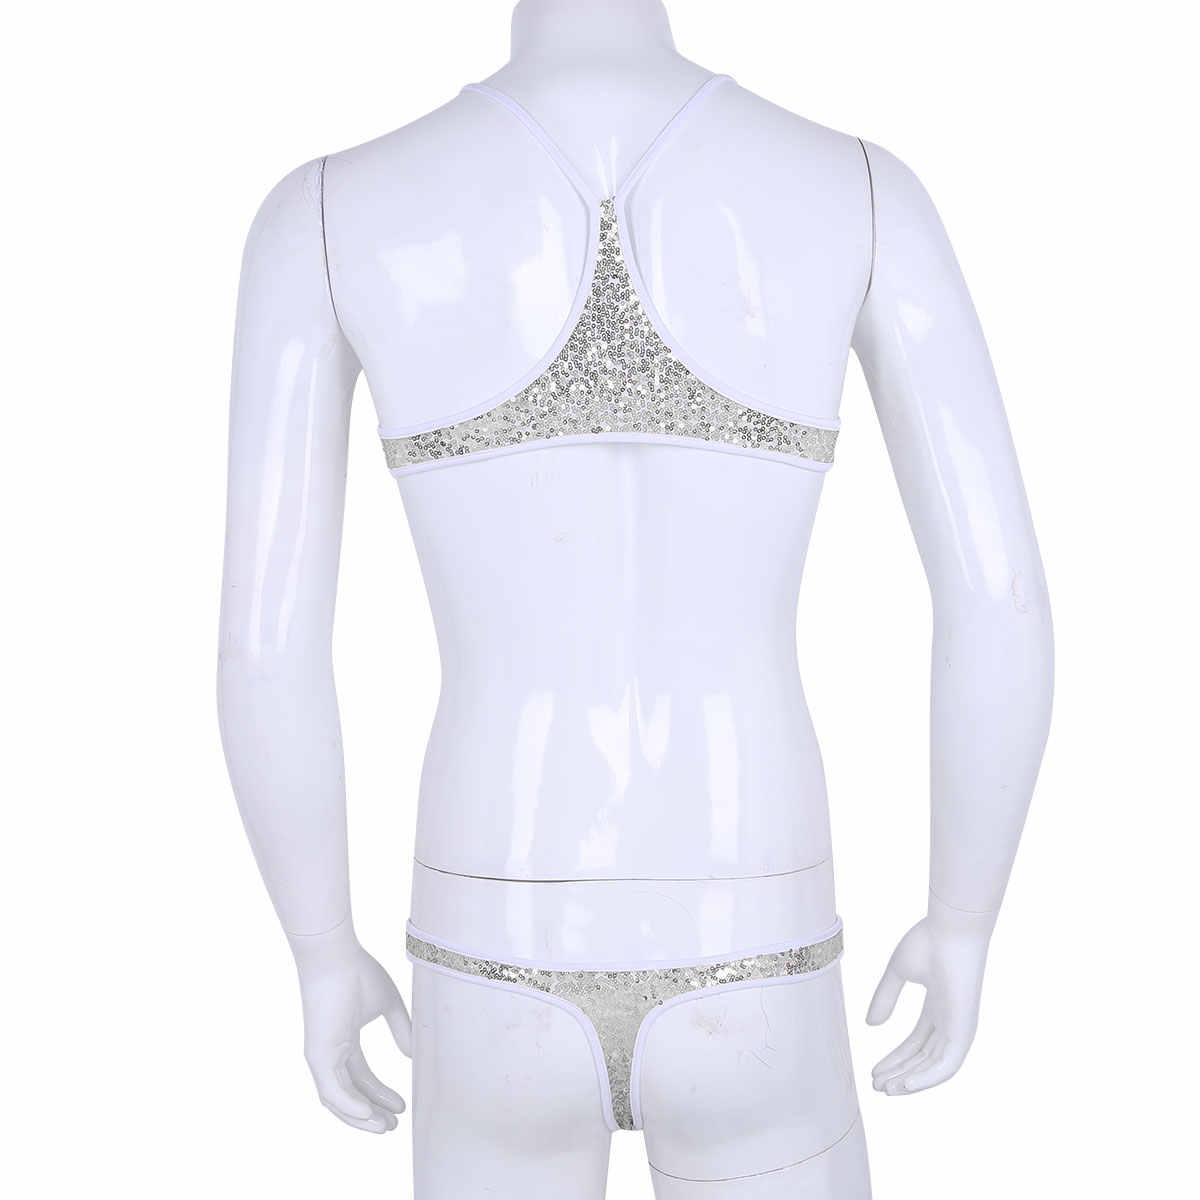 Erkek seksi iç çamaşırı seti Sissy mikro Mini Bikini mayo Sequins sutyen üst Tangas tanga iç çamaşırı eşcinsel Crossdressing kıyafeti